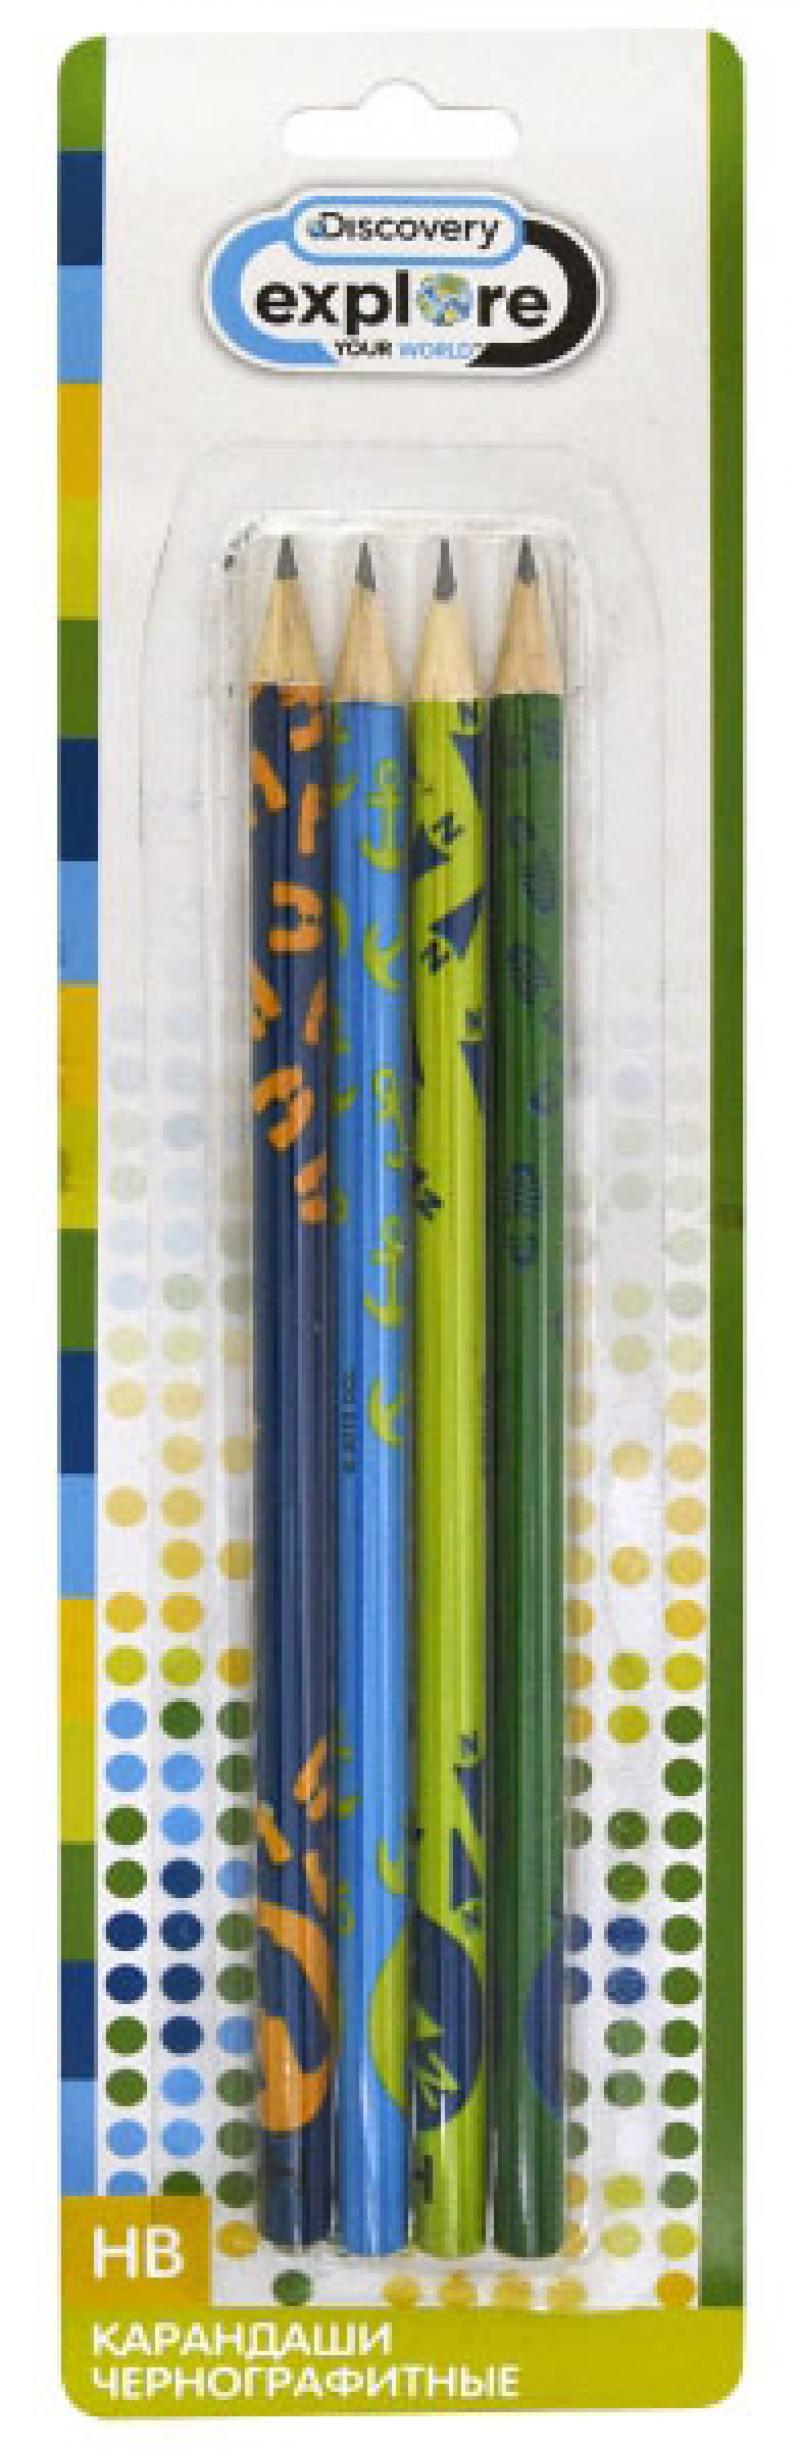 Набор графитовых карандашей Action! Discovery 4 шт DV-ALP185/4 DV-ALP185/4 набор графитовых карандашей action pucca 4 шт pu alp115 4